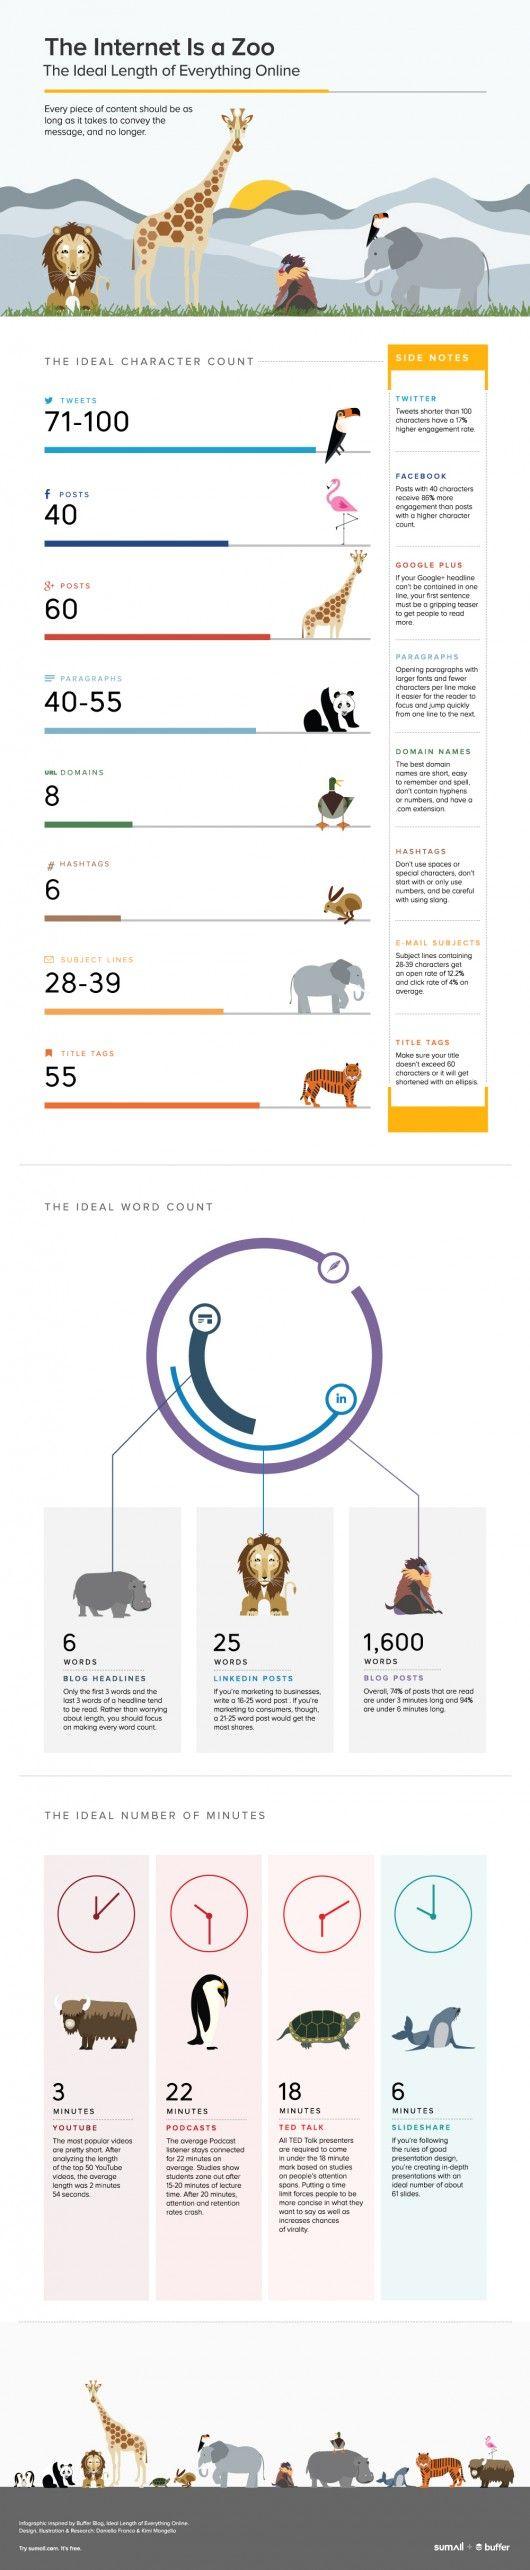 the internet is a zoo by buffer httponlinemarketingdenews